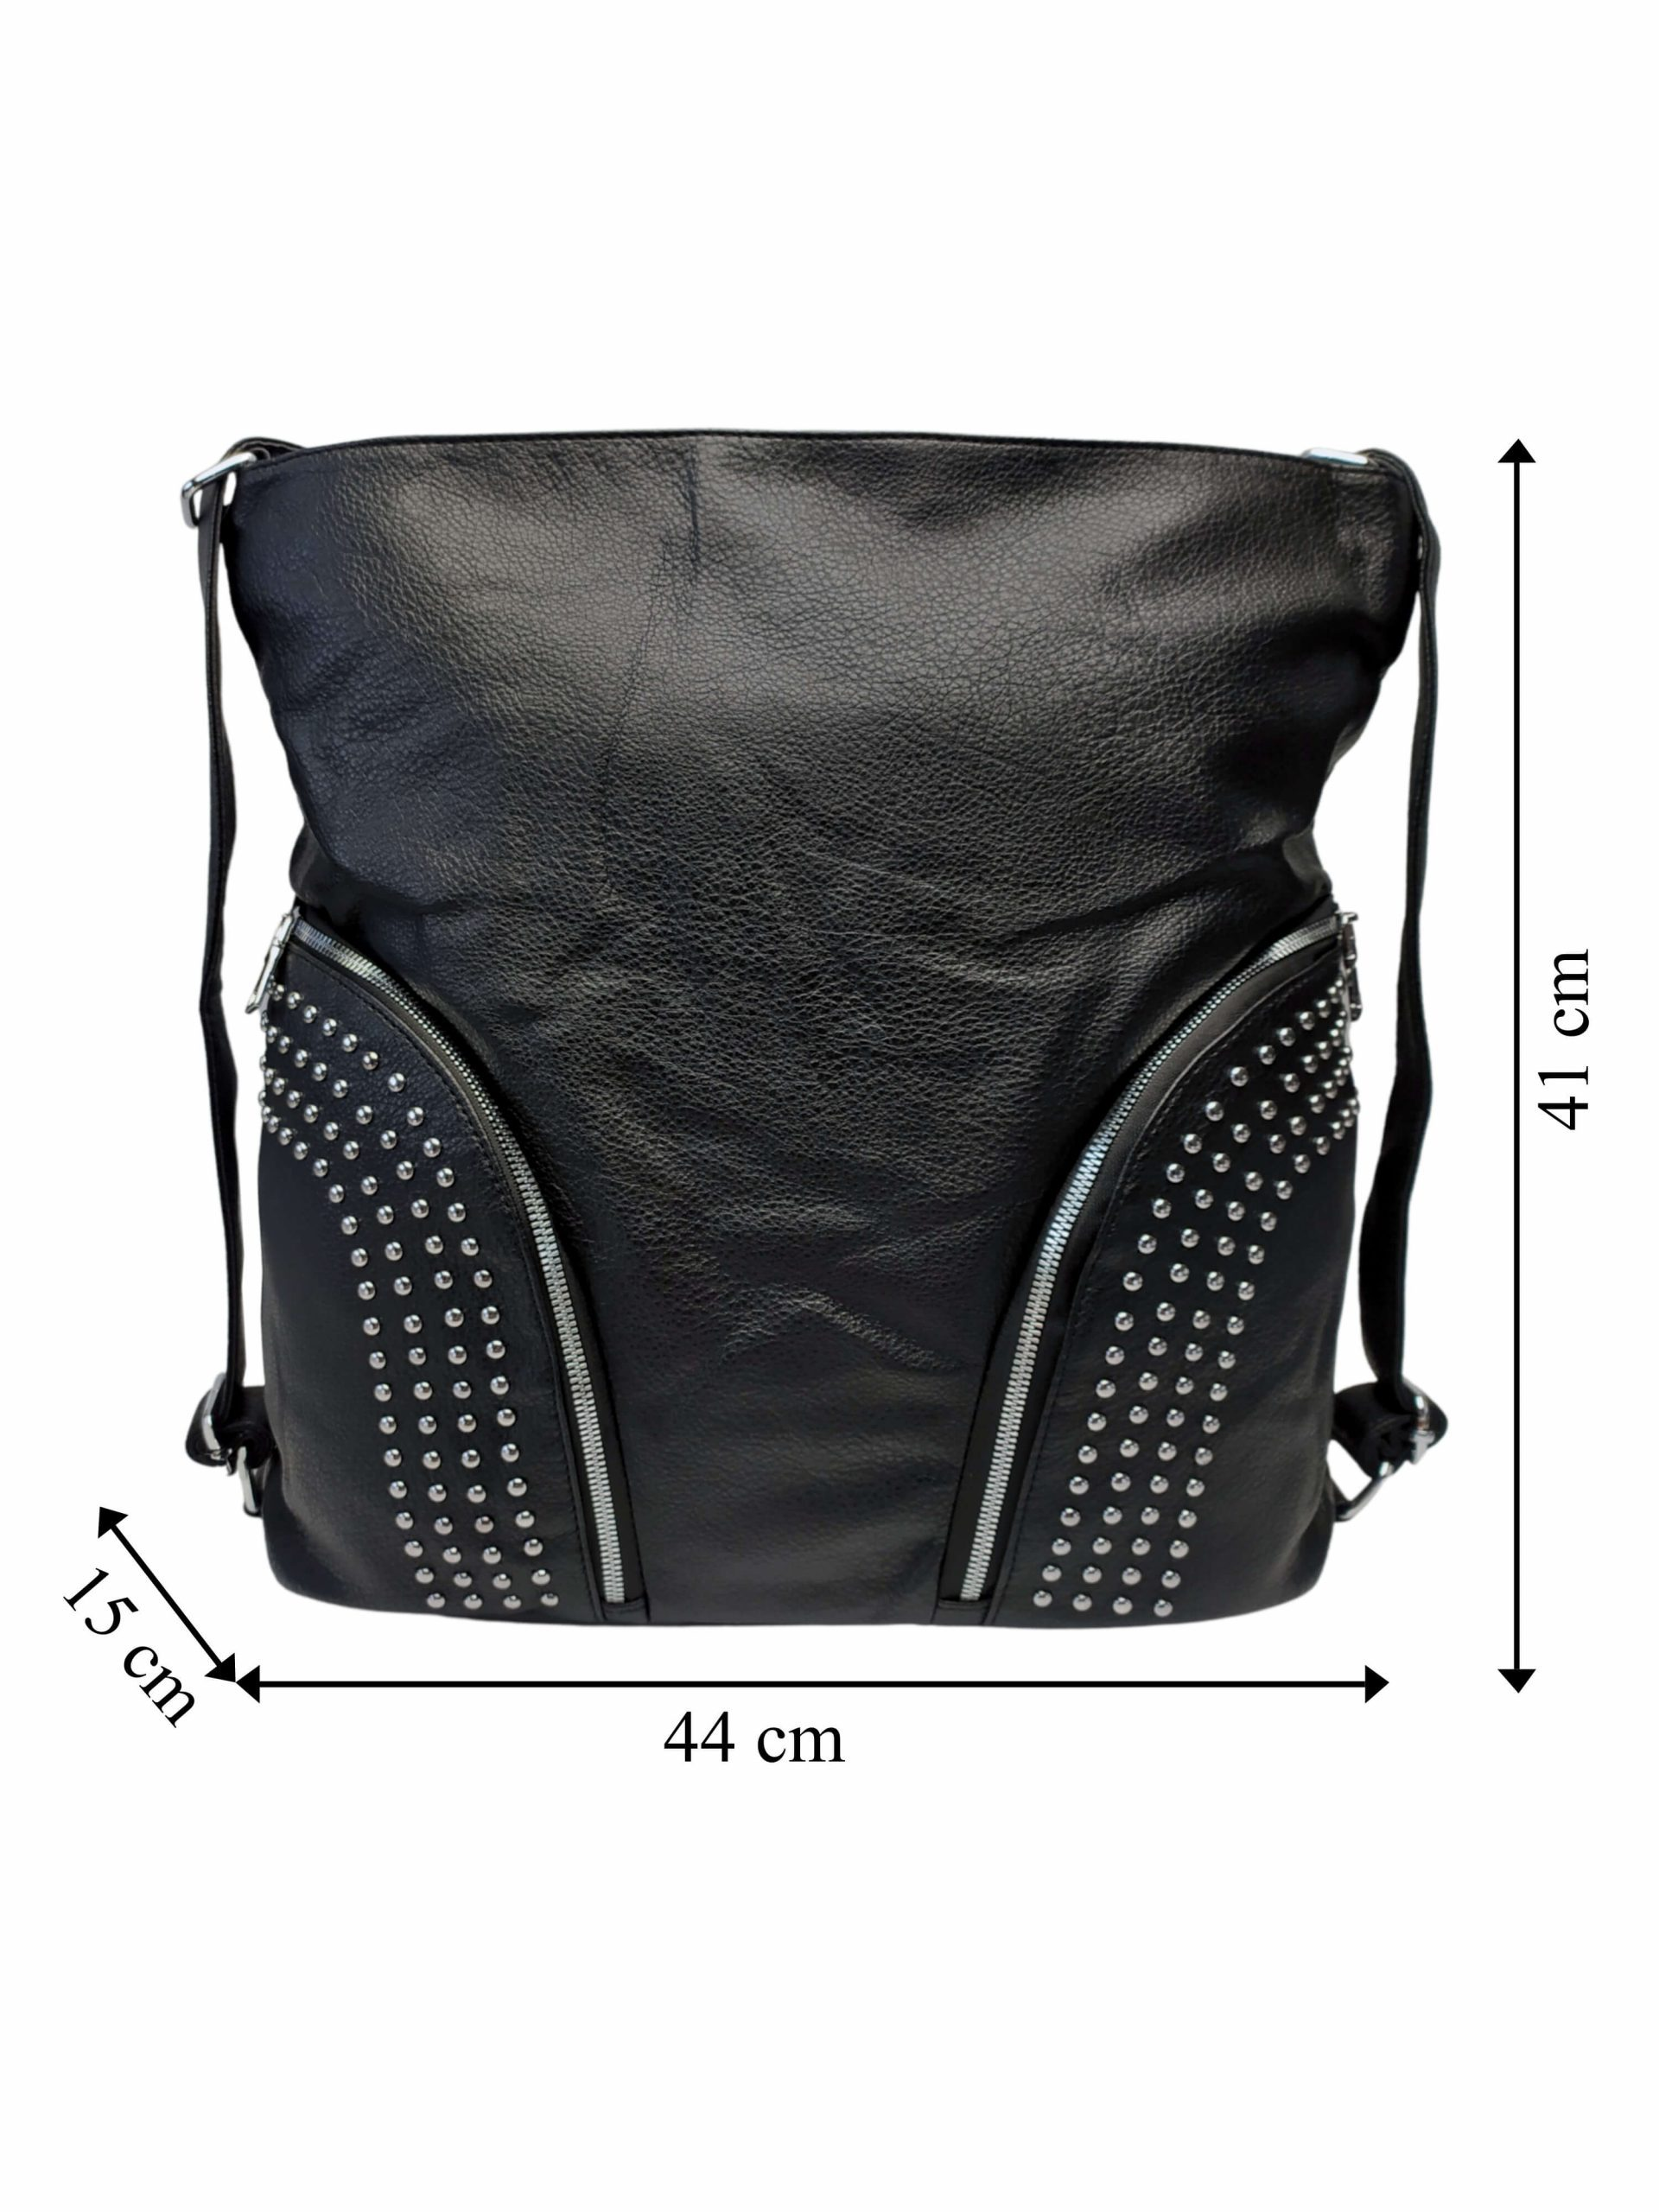 Černá kabelka a batoh v jednom se slušivými kapsami, Co & Coo Fashion, 0957, přední strana kabelky a batohu v jednom s rozměry